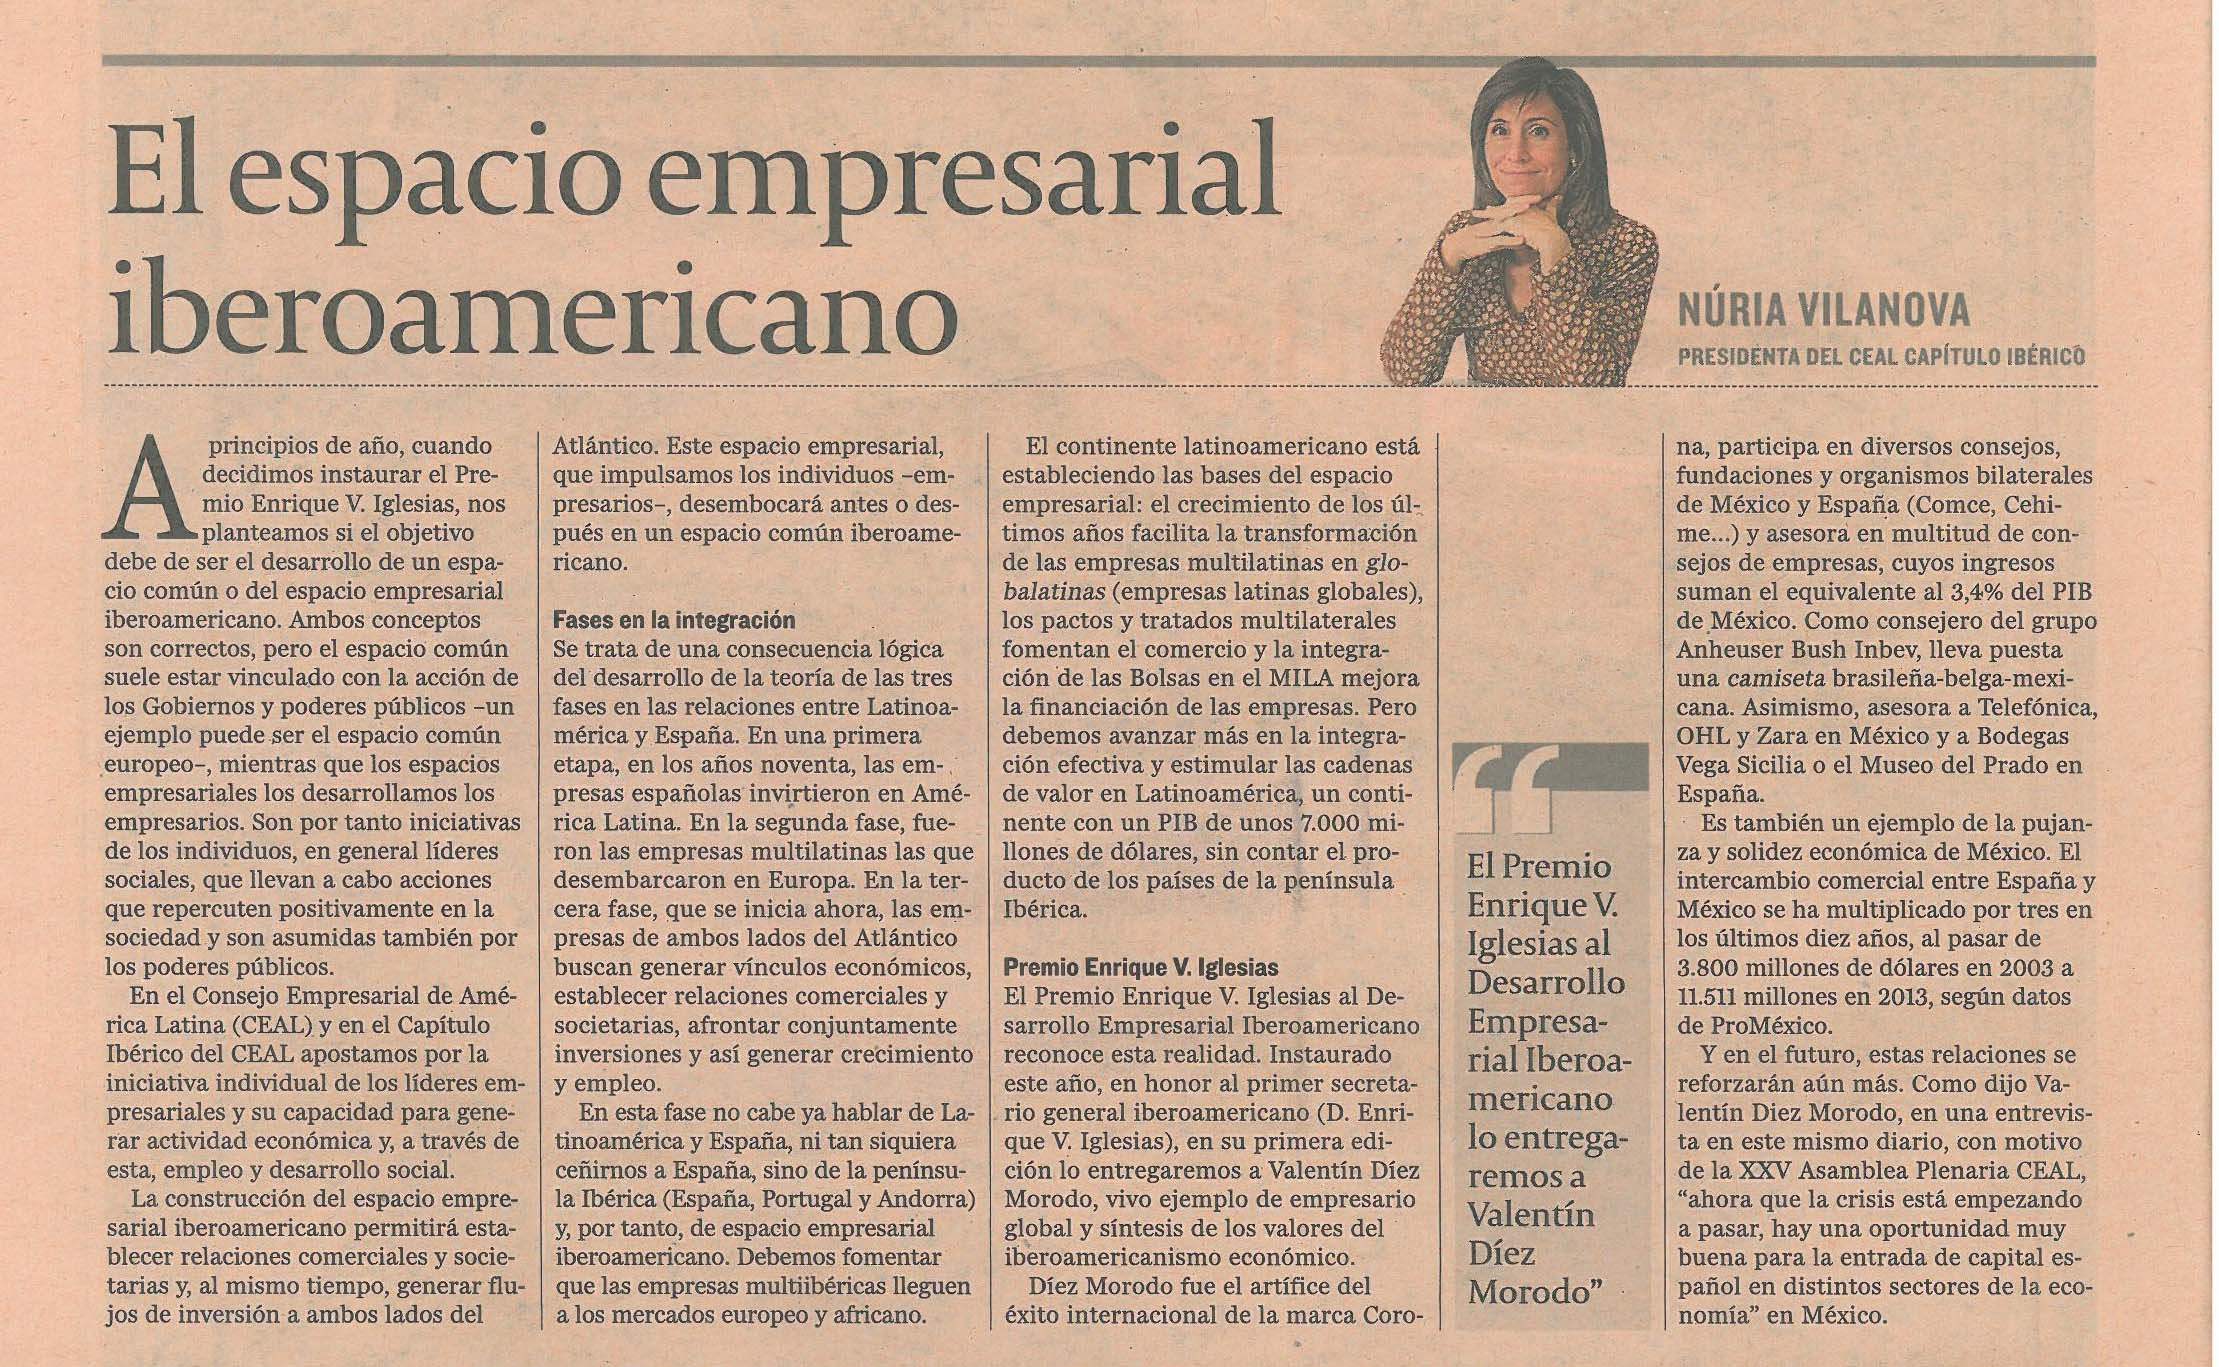 El Espacio Empresarial Iberoamericano y el premio Enrique V. Iglesias